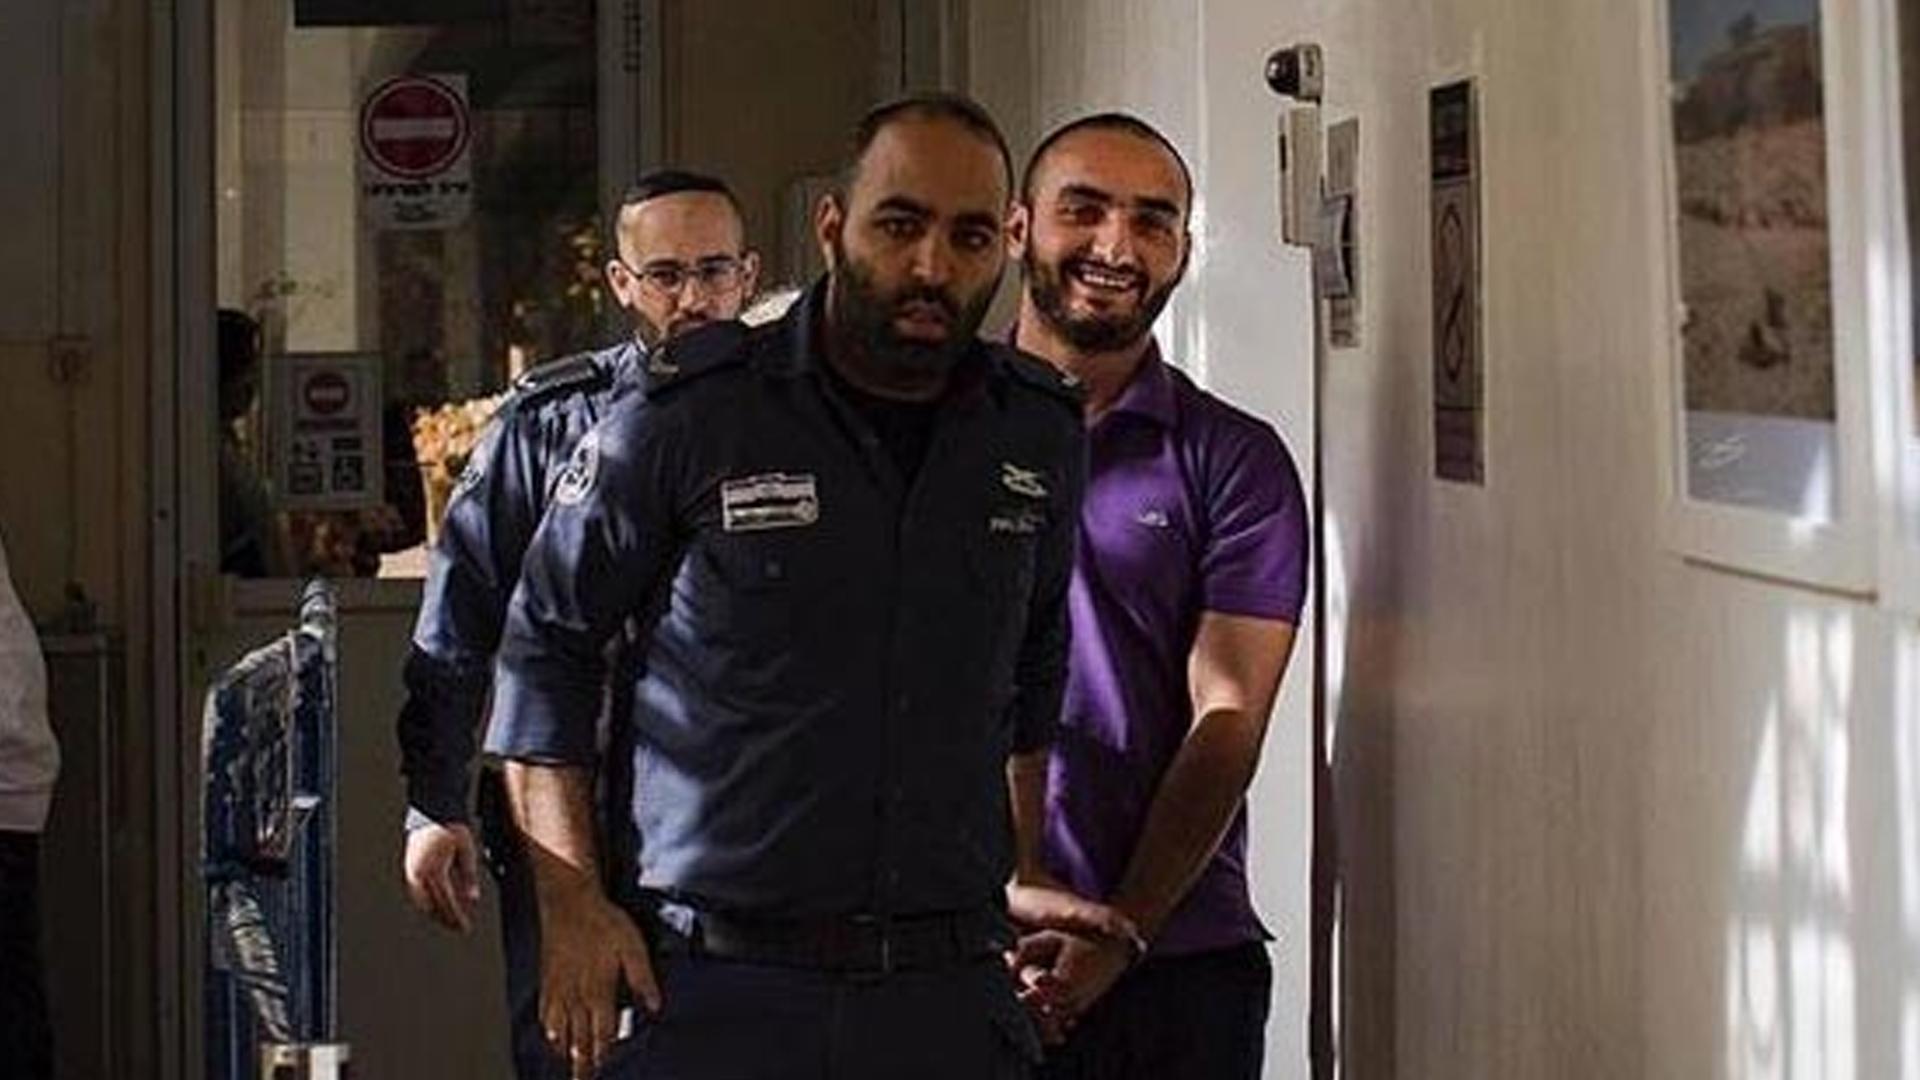 İşgalci İsrail'in sınır dışı etmeye çalıştığı AA muhabirinden haber alınamıyor